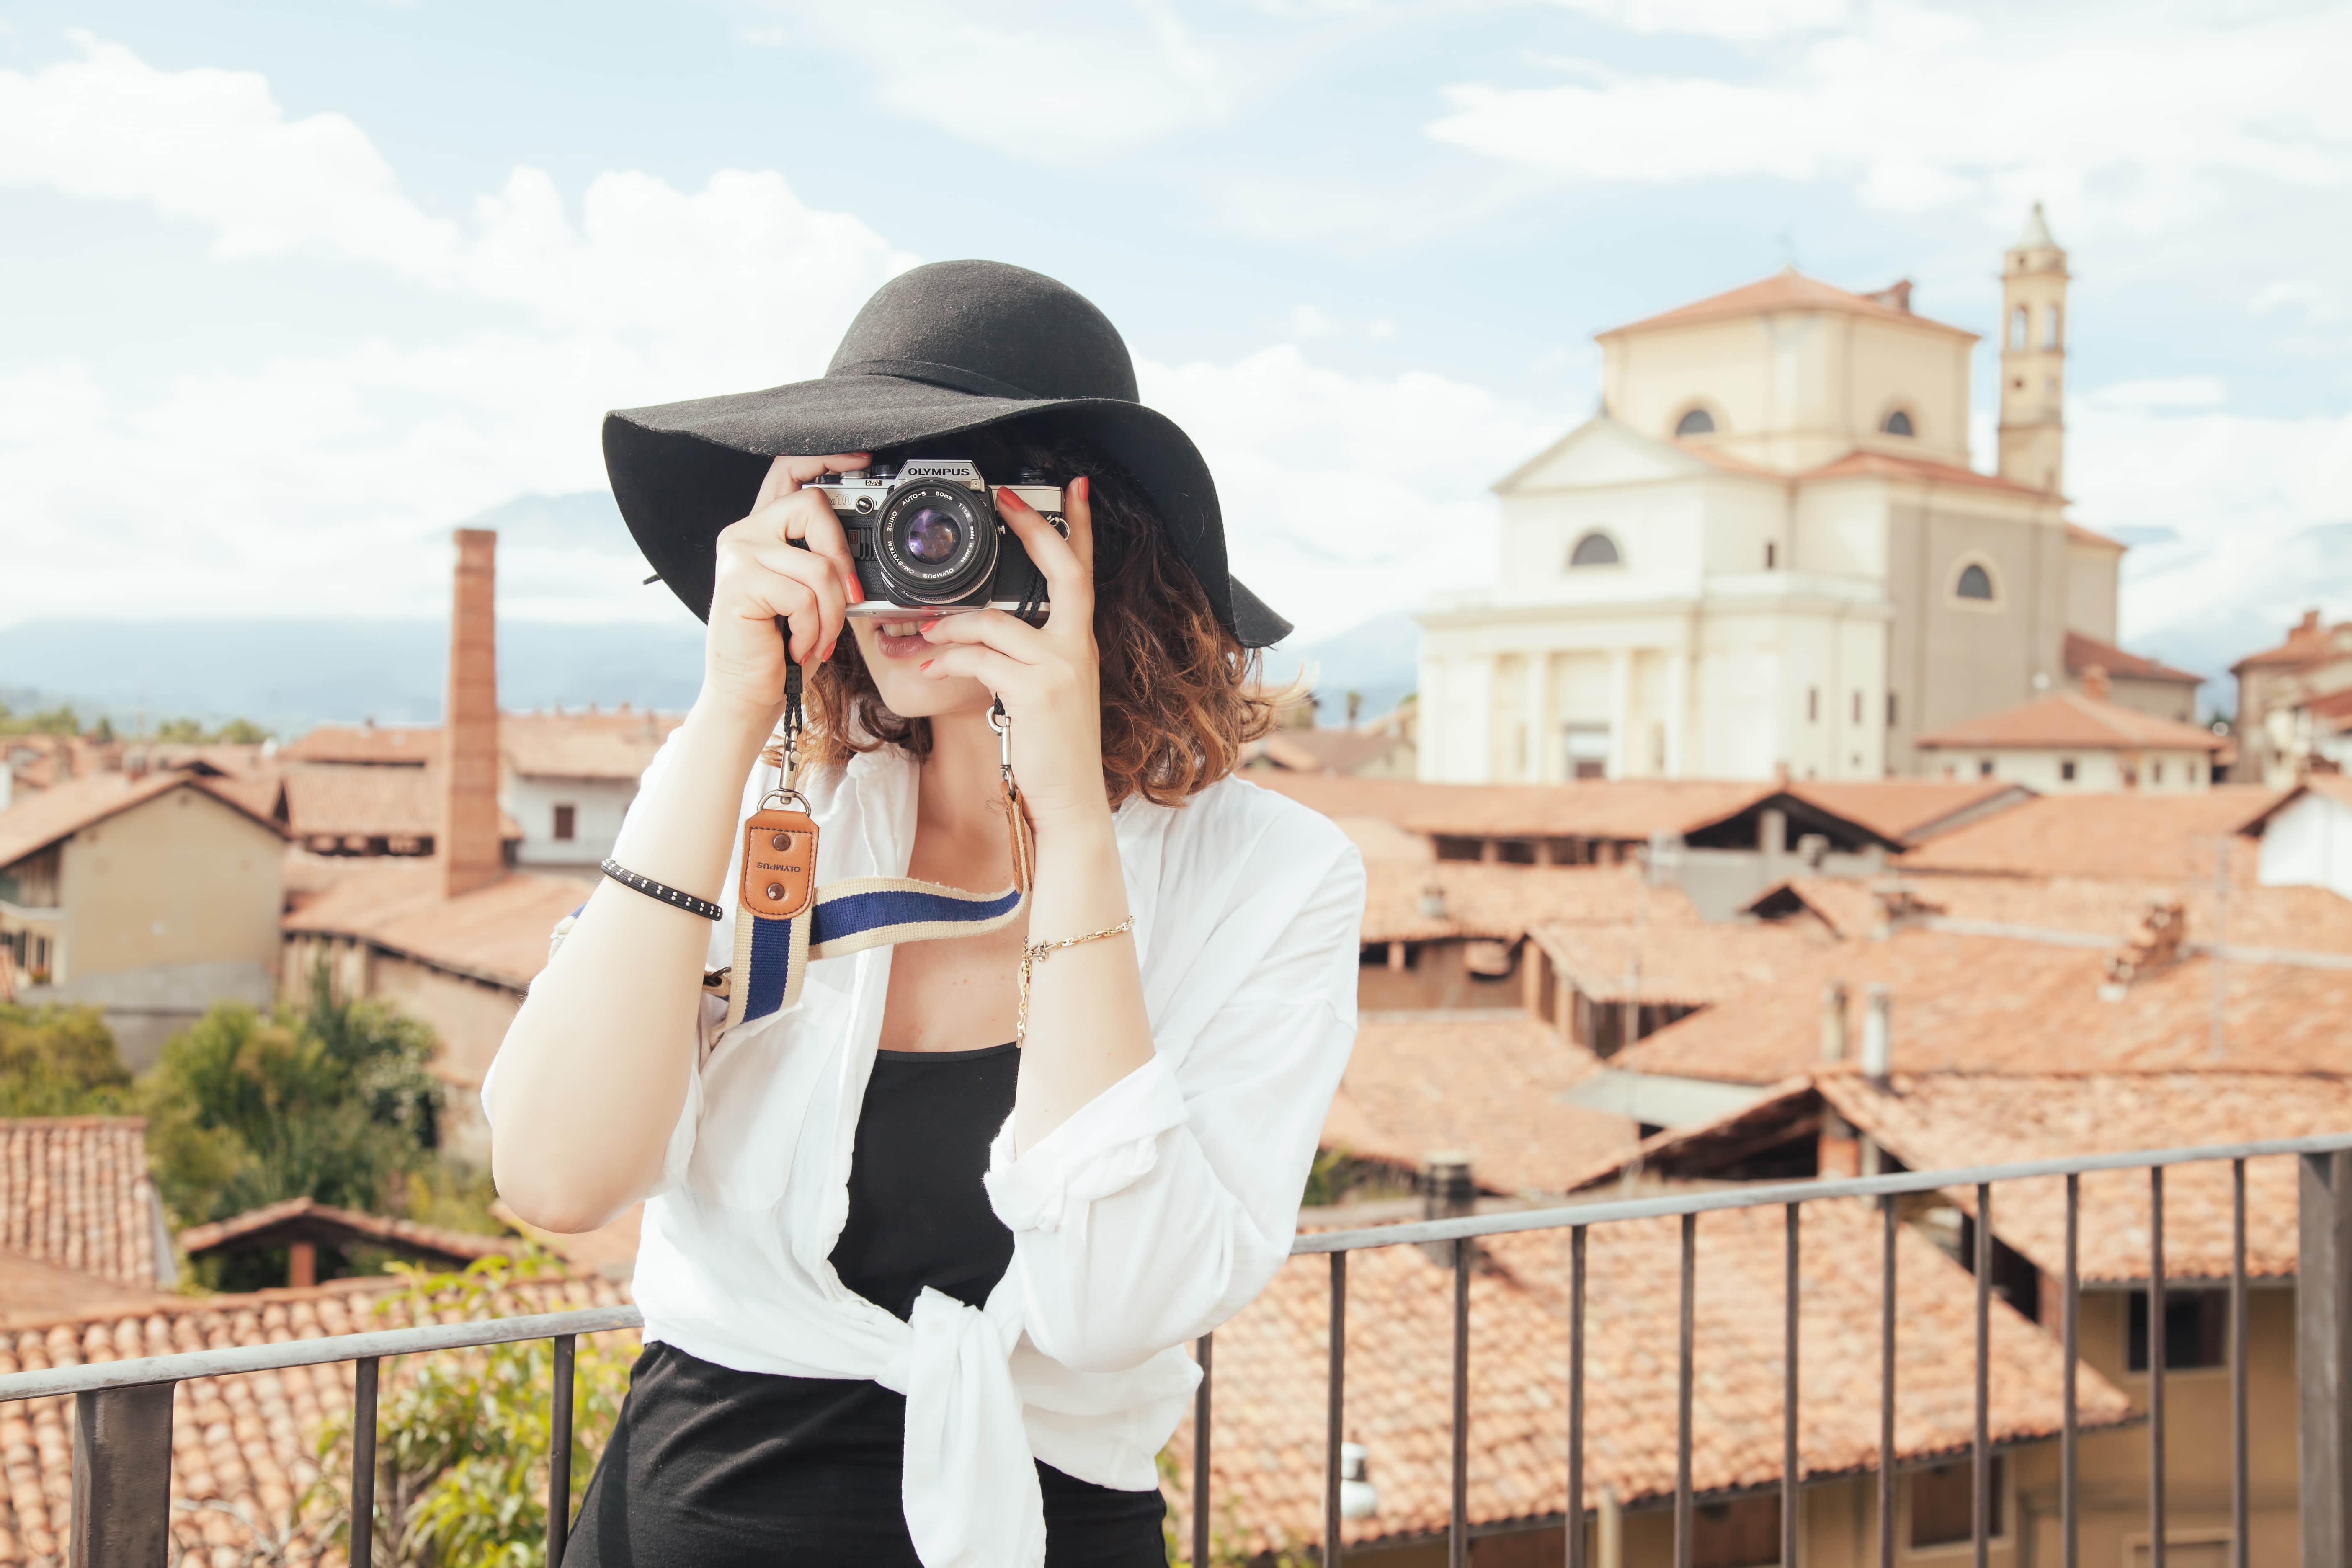 摄影师 旅游 拍照 相机 摄影 旅行 女孩 5K壁纸_彼岸图网